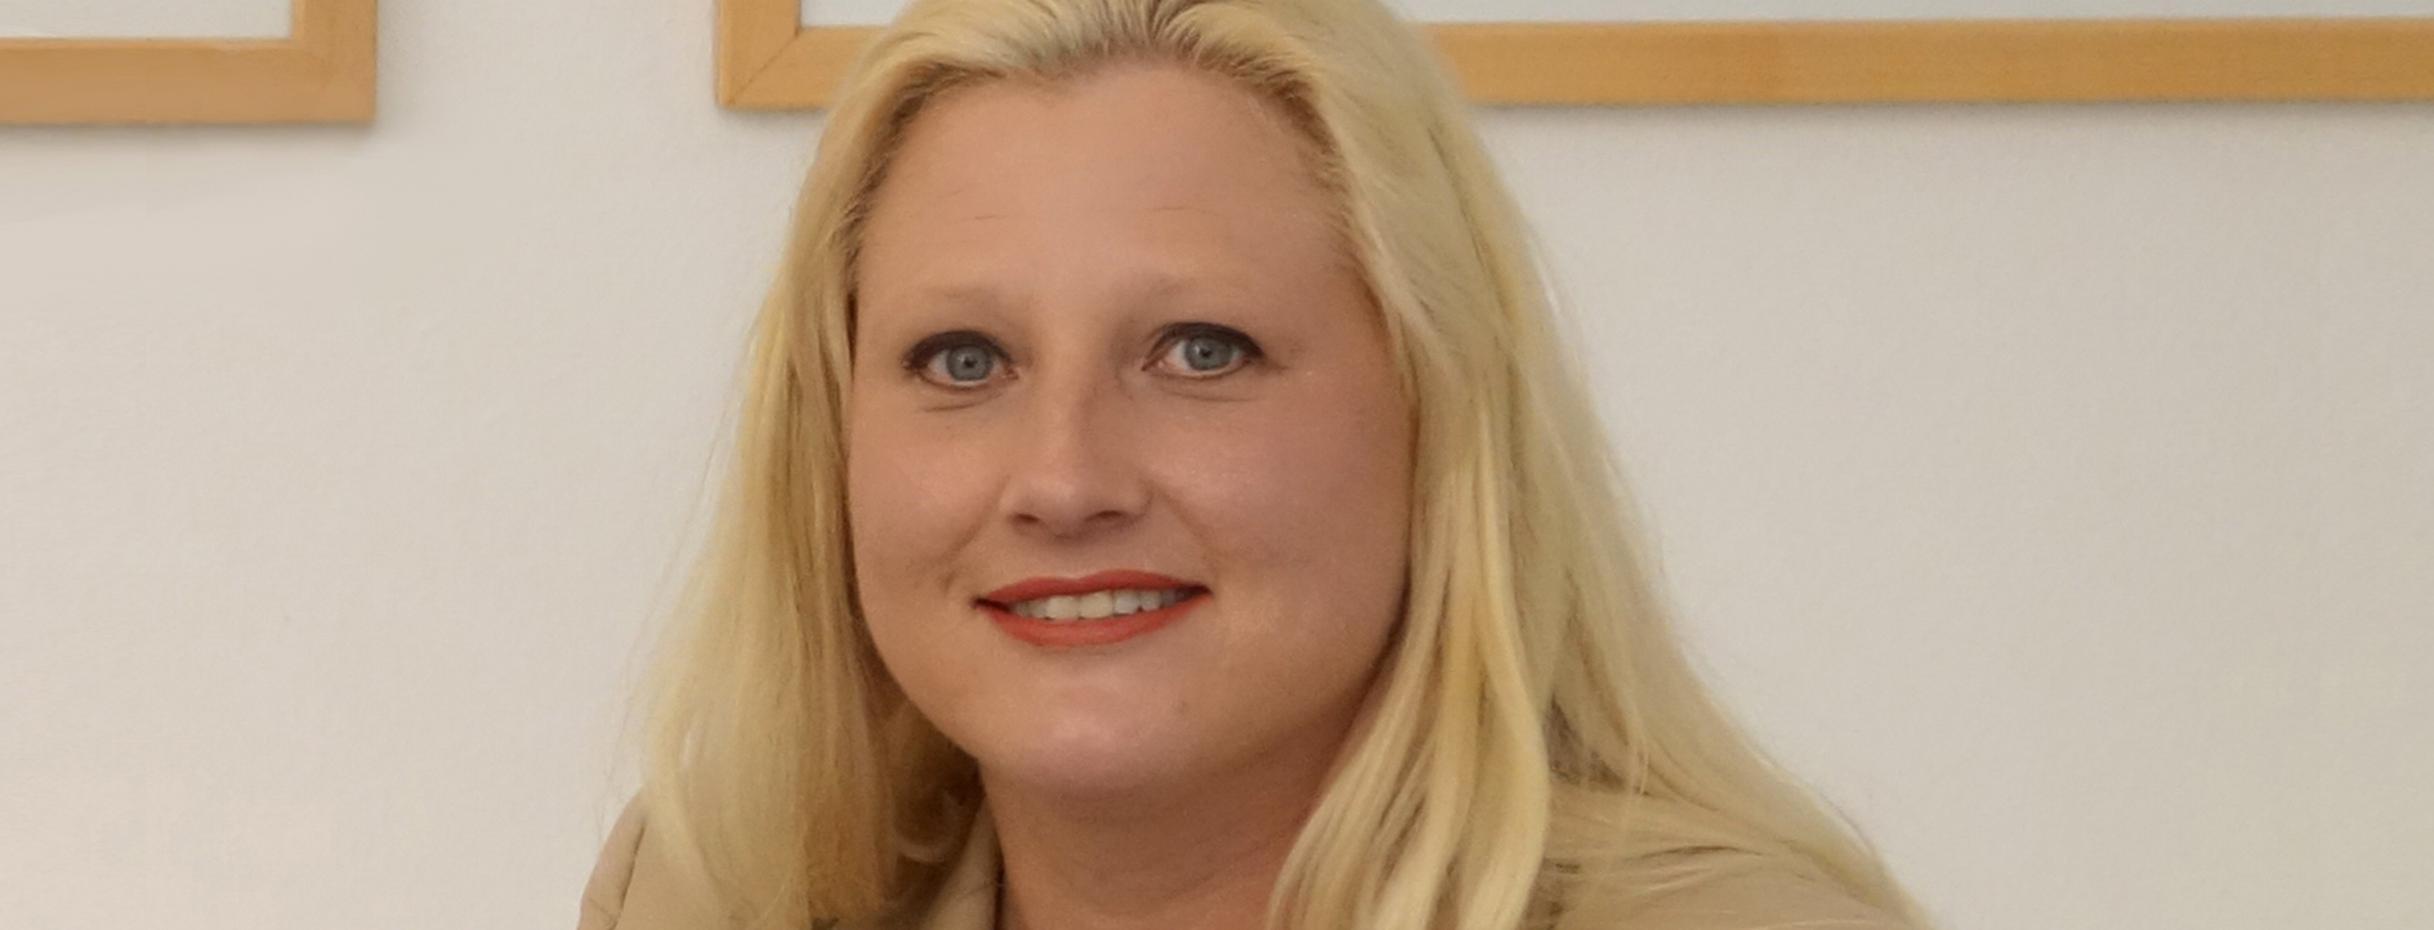 Stephanie Aeffner begleitet Reisegruppe zu 25 Jahre Grundgesetz